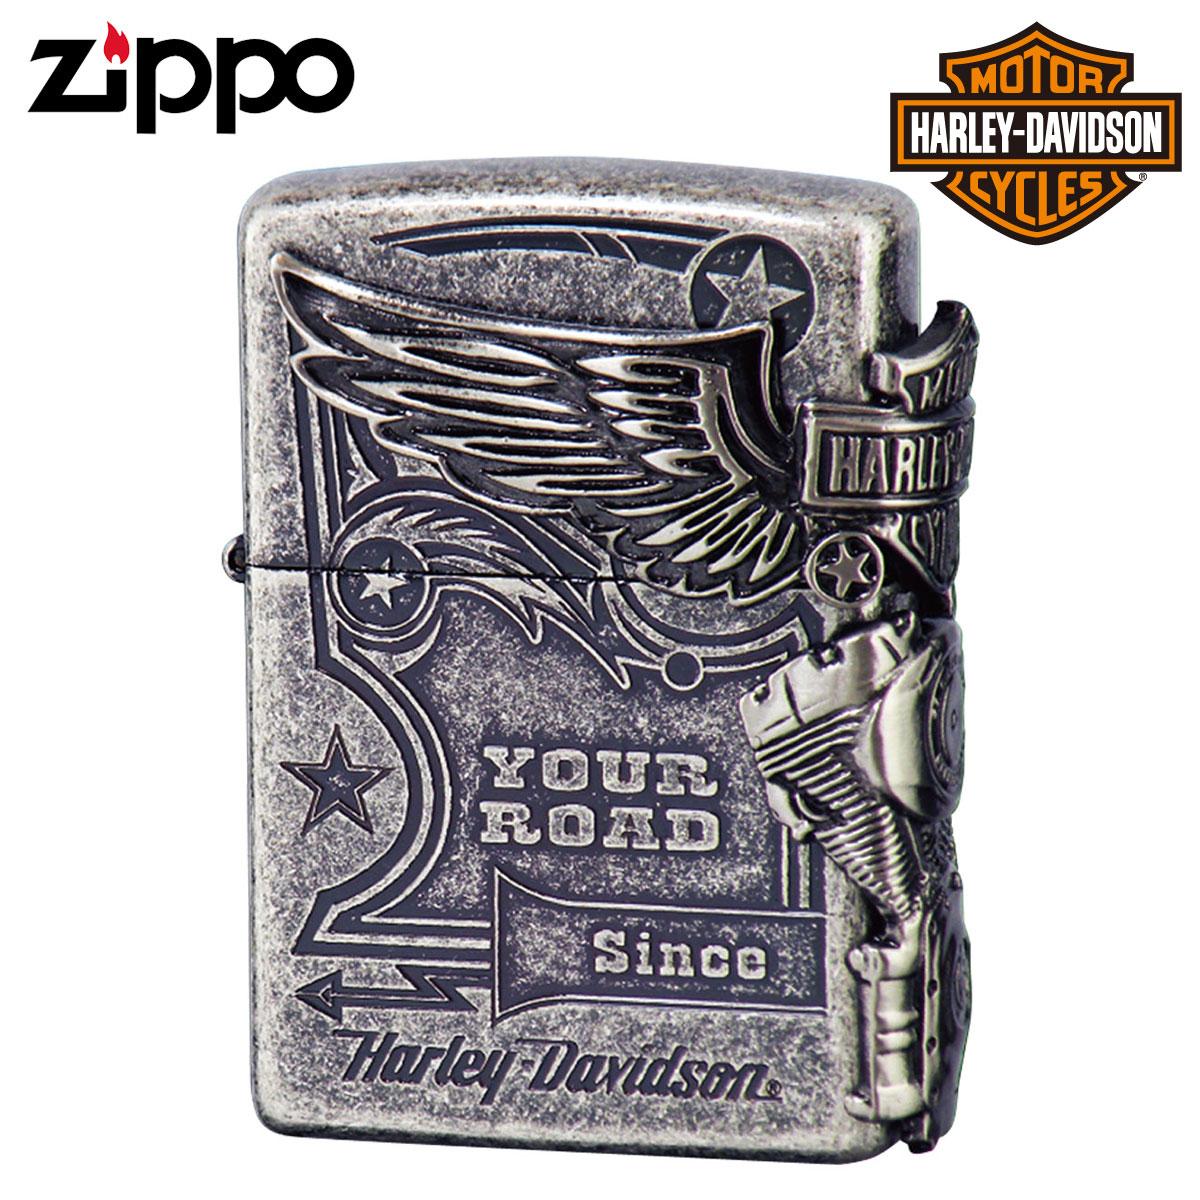 ジッポー ライター ハーレーダビッドソン オイルライター ジッポライター zippo HDP28 ギフト プレゼント 贈り物 返品不可 オイルライター ジッポライター 彼氏 男性 メンズ 喫煙具